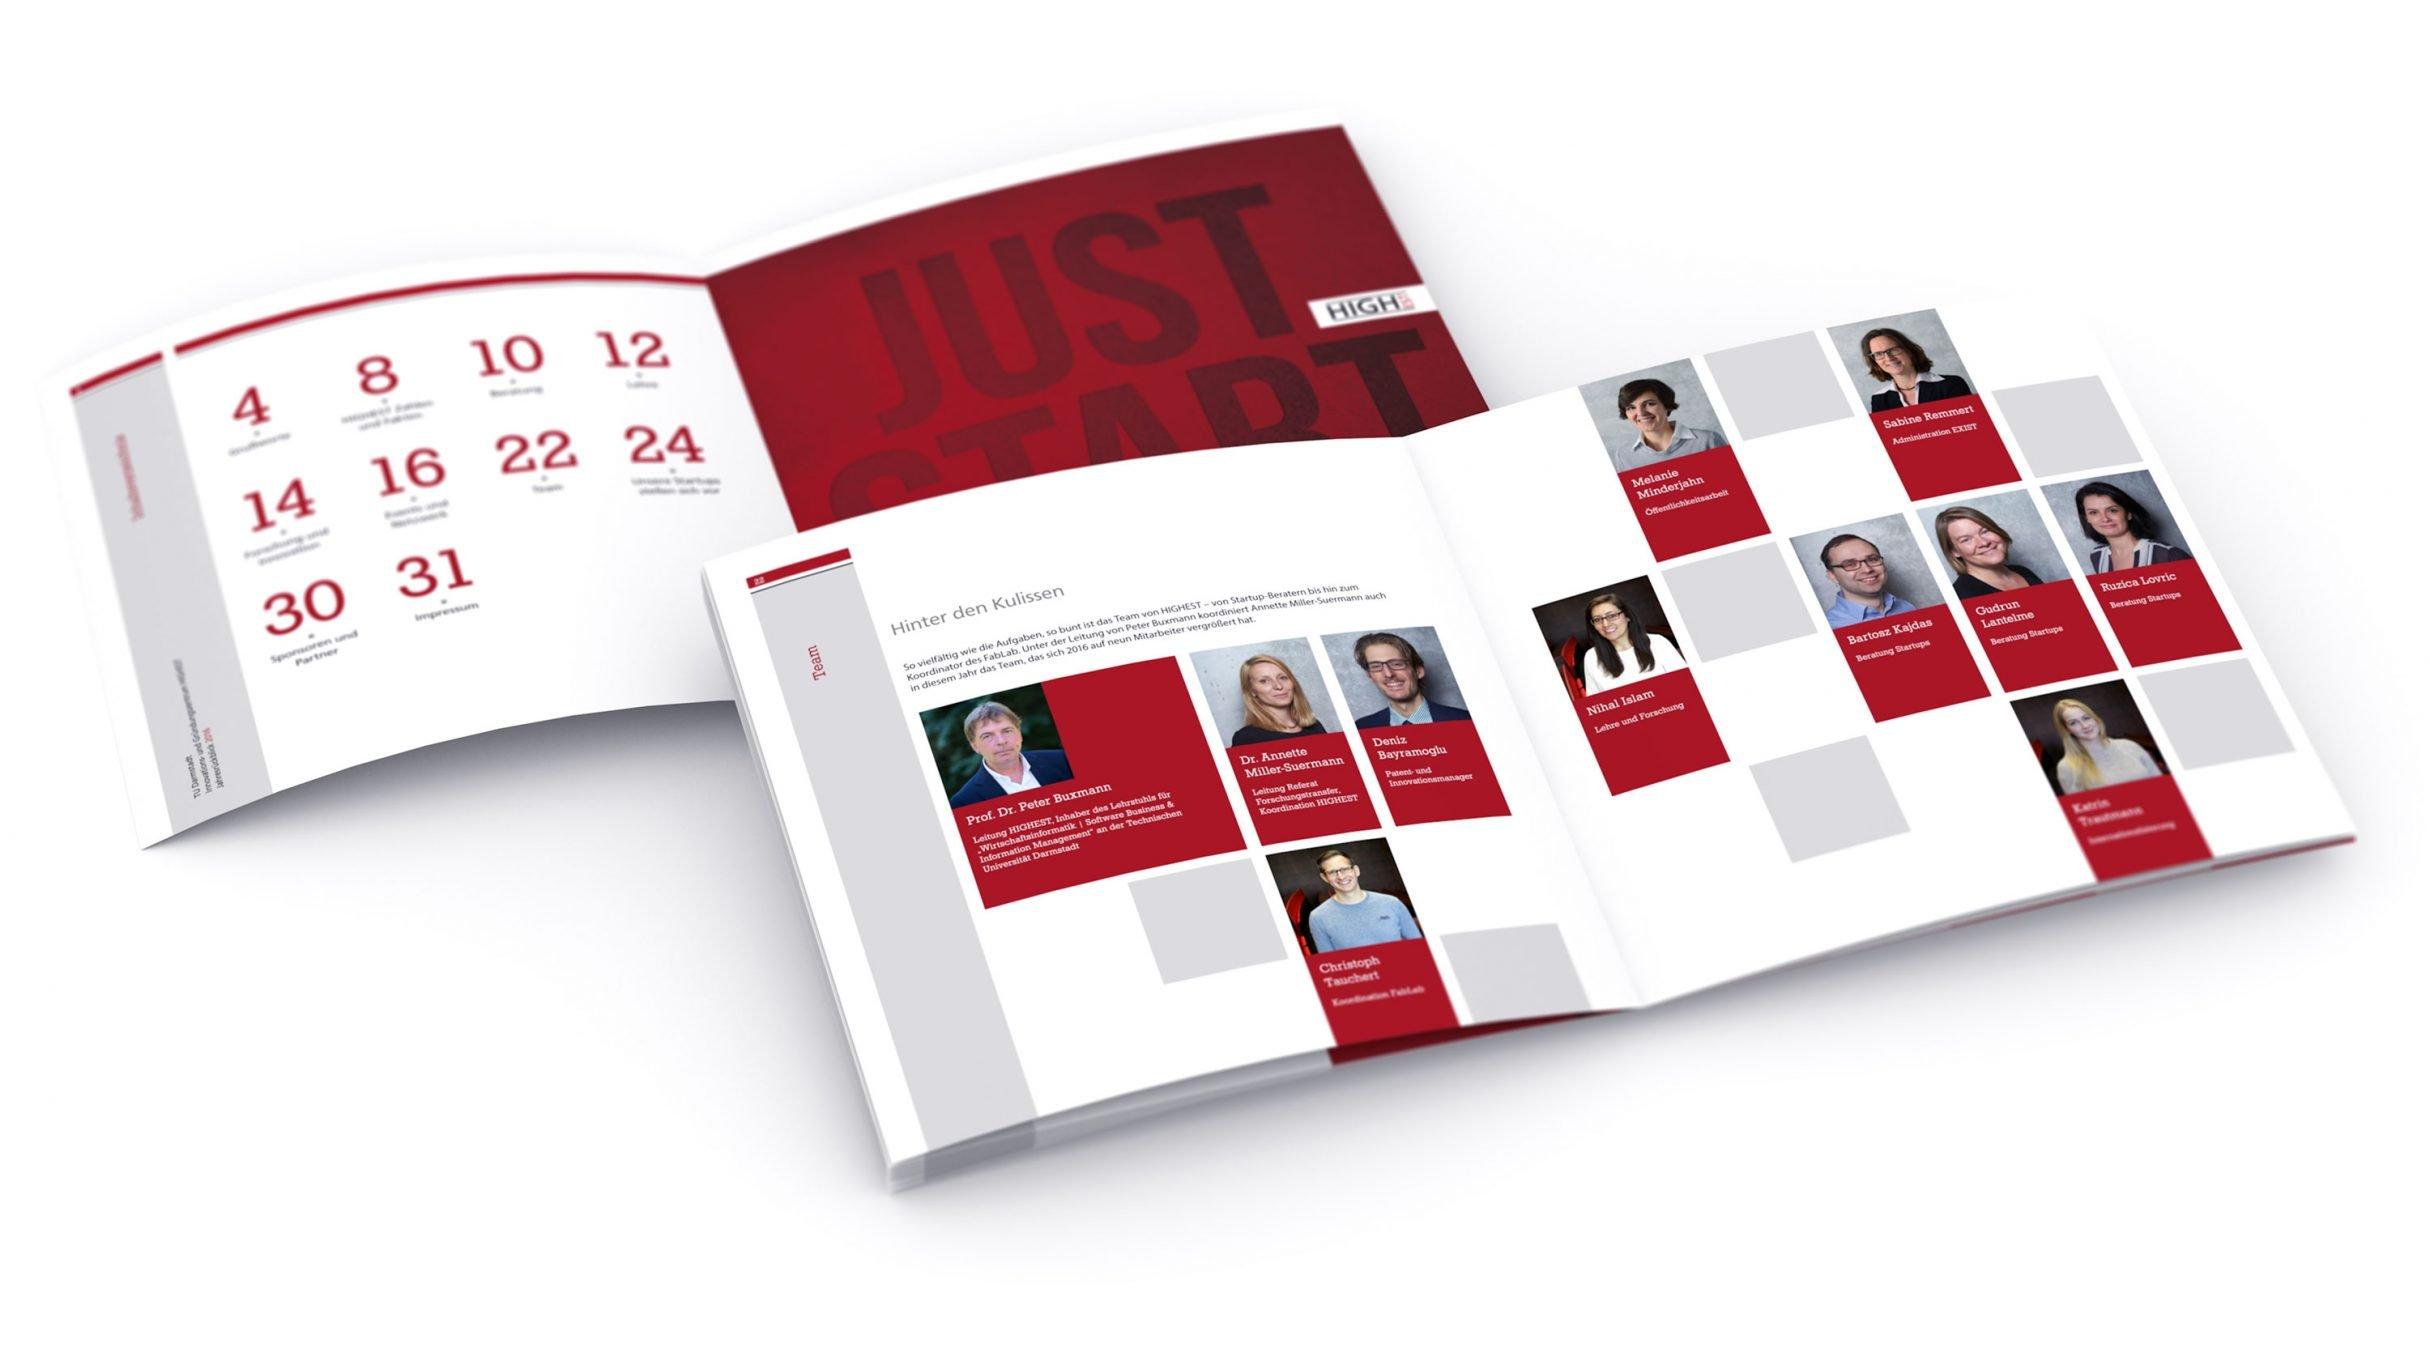 Jahresreport, Highest team Startup-Broschüre für die Technische Universität Darmstadt, TU: DIE NEUDENKER® Agentur, Darmstadt